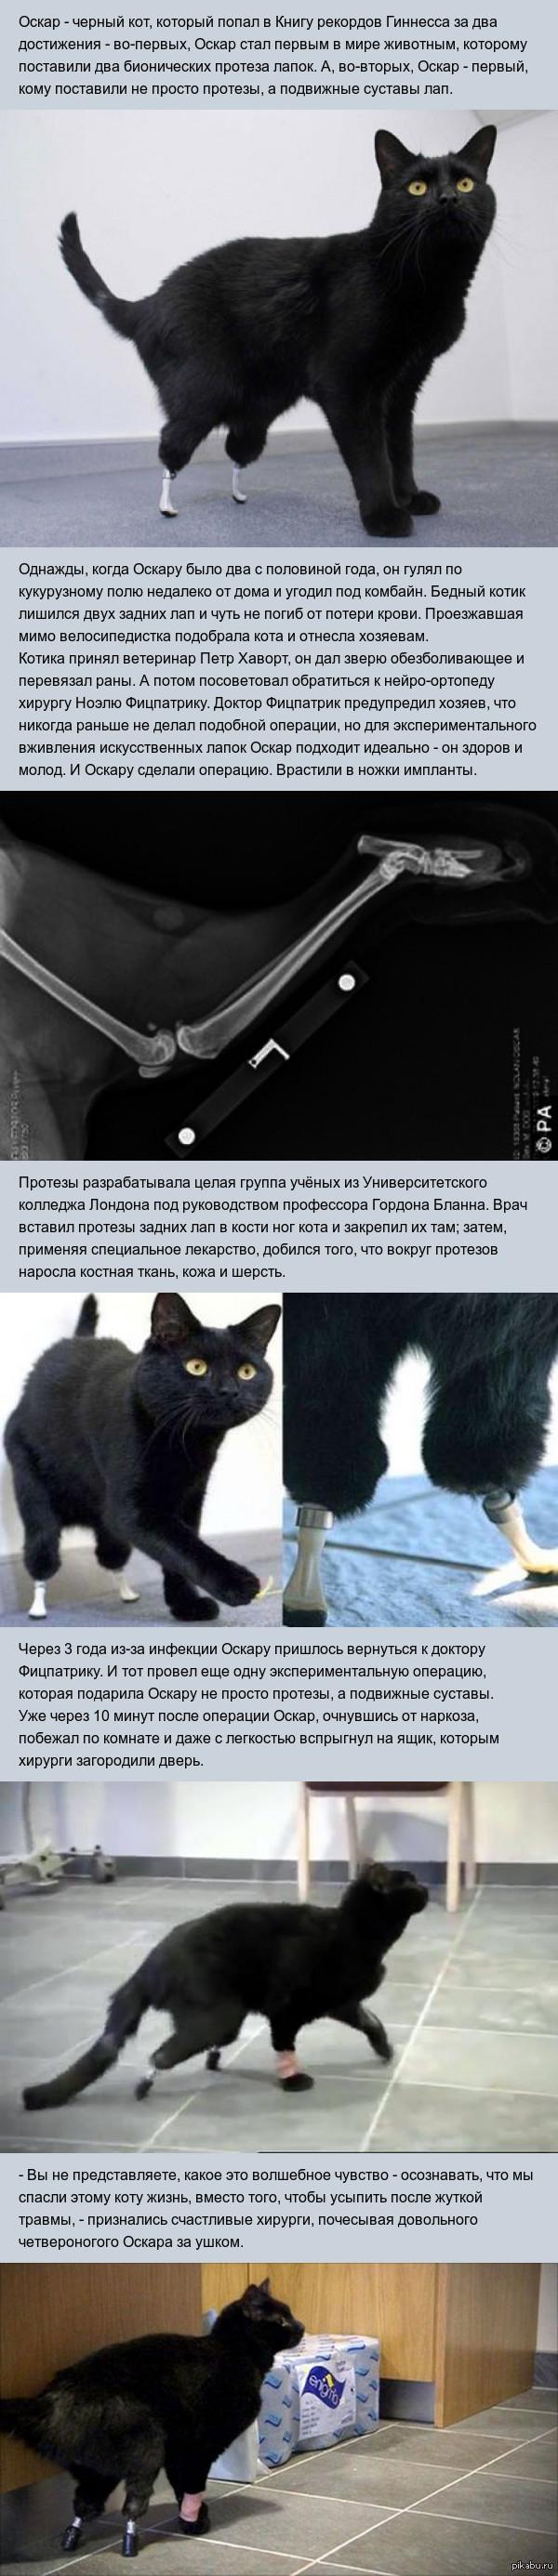 Бионический кот Оскар попал в Книгу рекордов Гиннесса дважды Новость довольно древняя, но вдруг кто-то не видел.  Ссылка на видео:  http://www.youtube.com/watch?v=-47dIdA2jTo